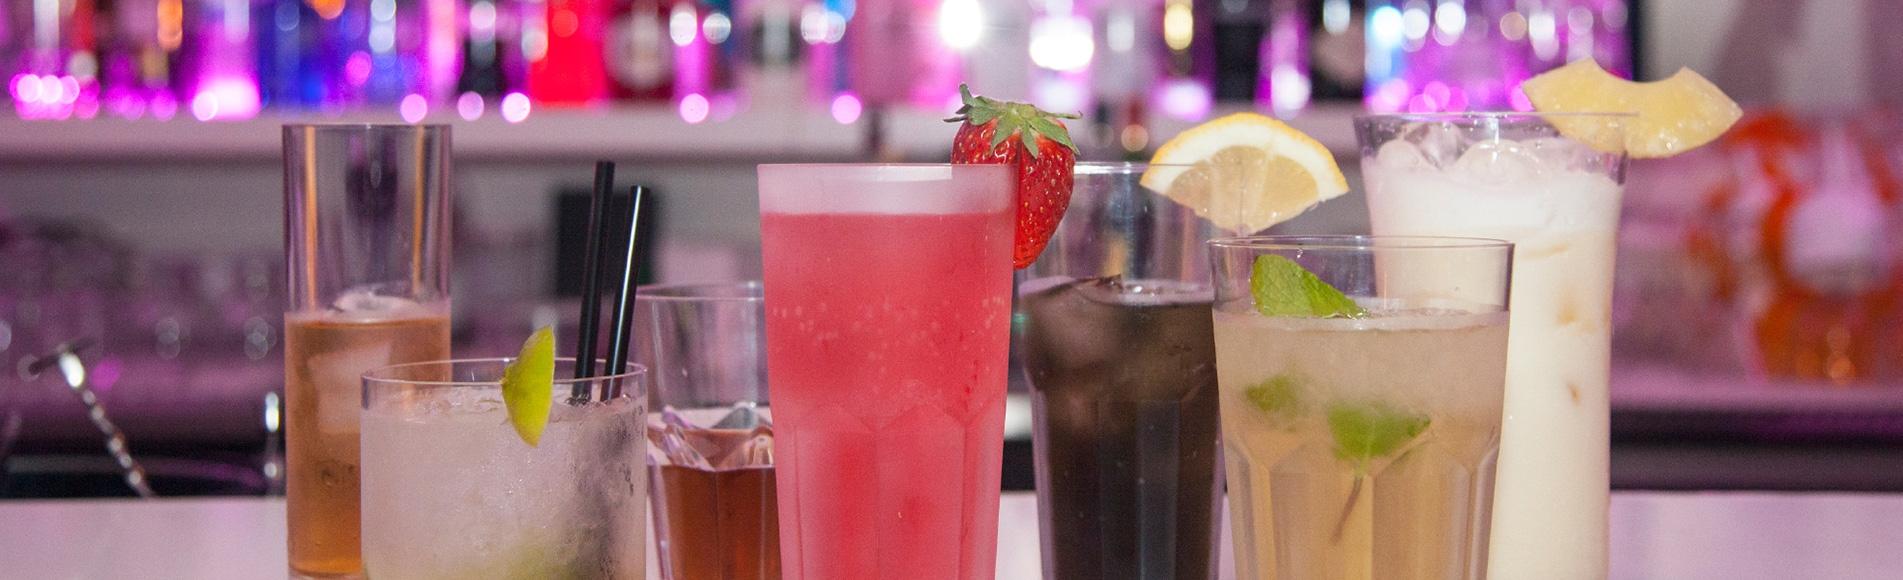 Découvrez notre gamme de verres en plastique incassable pour professionnels et particuliers